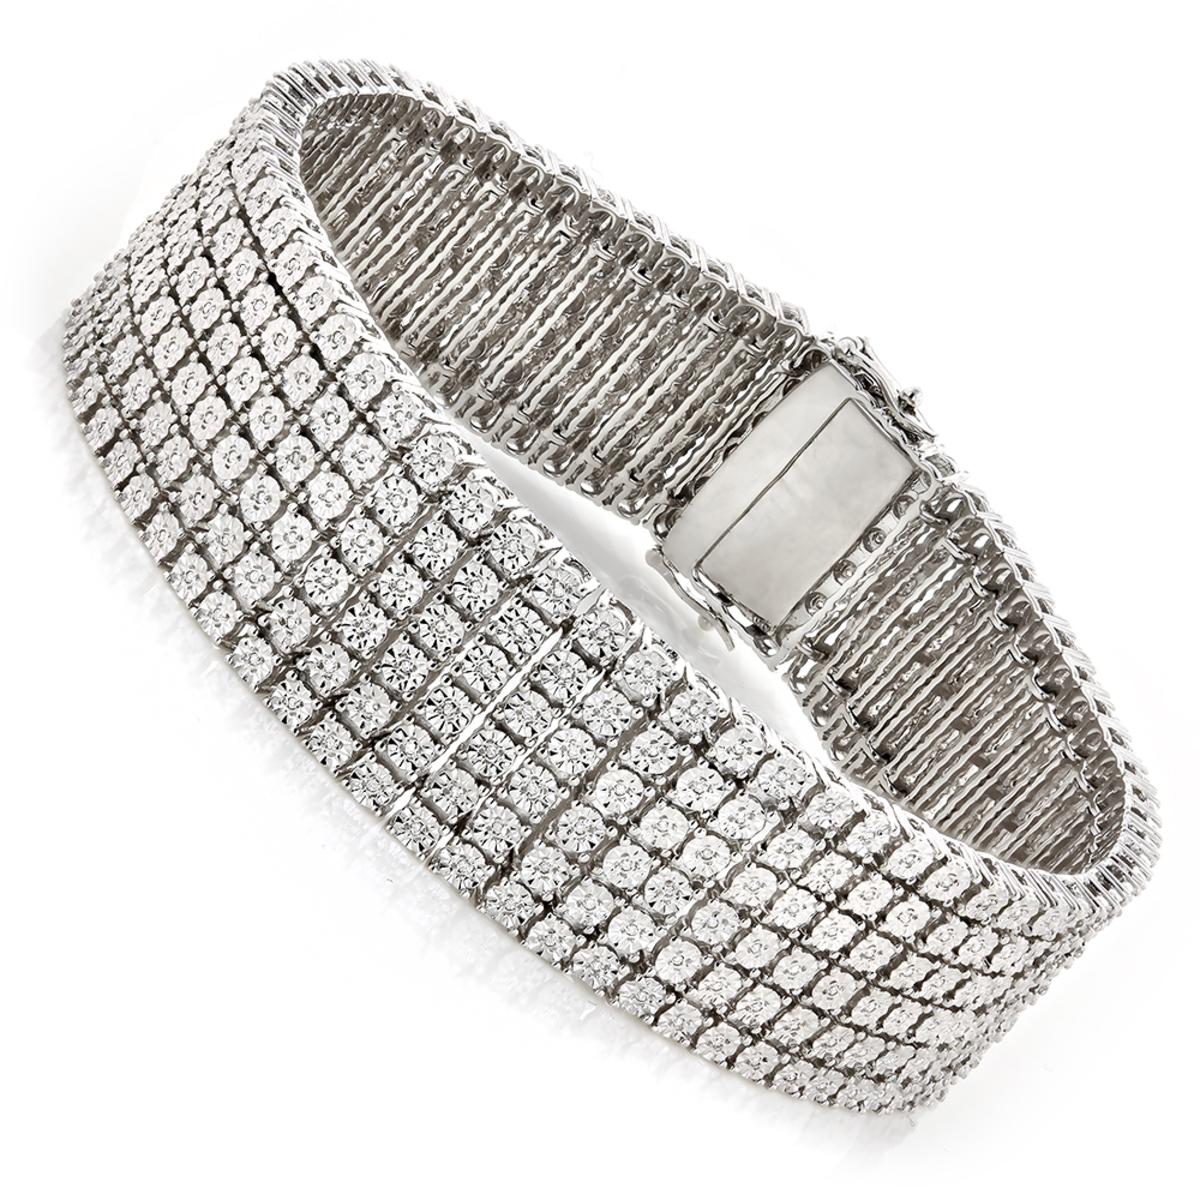 Mens Sterling Silver Bracelets: Diamond Bracelet 1.01ct